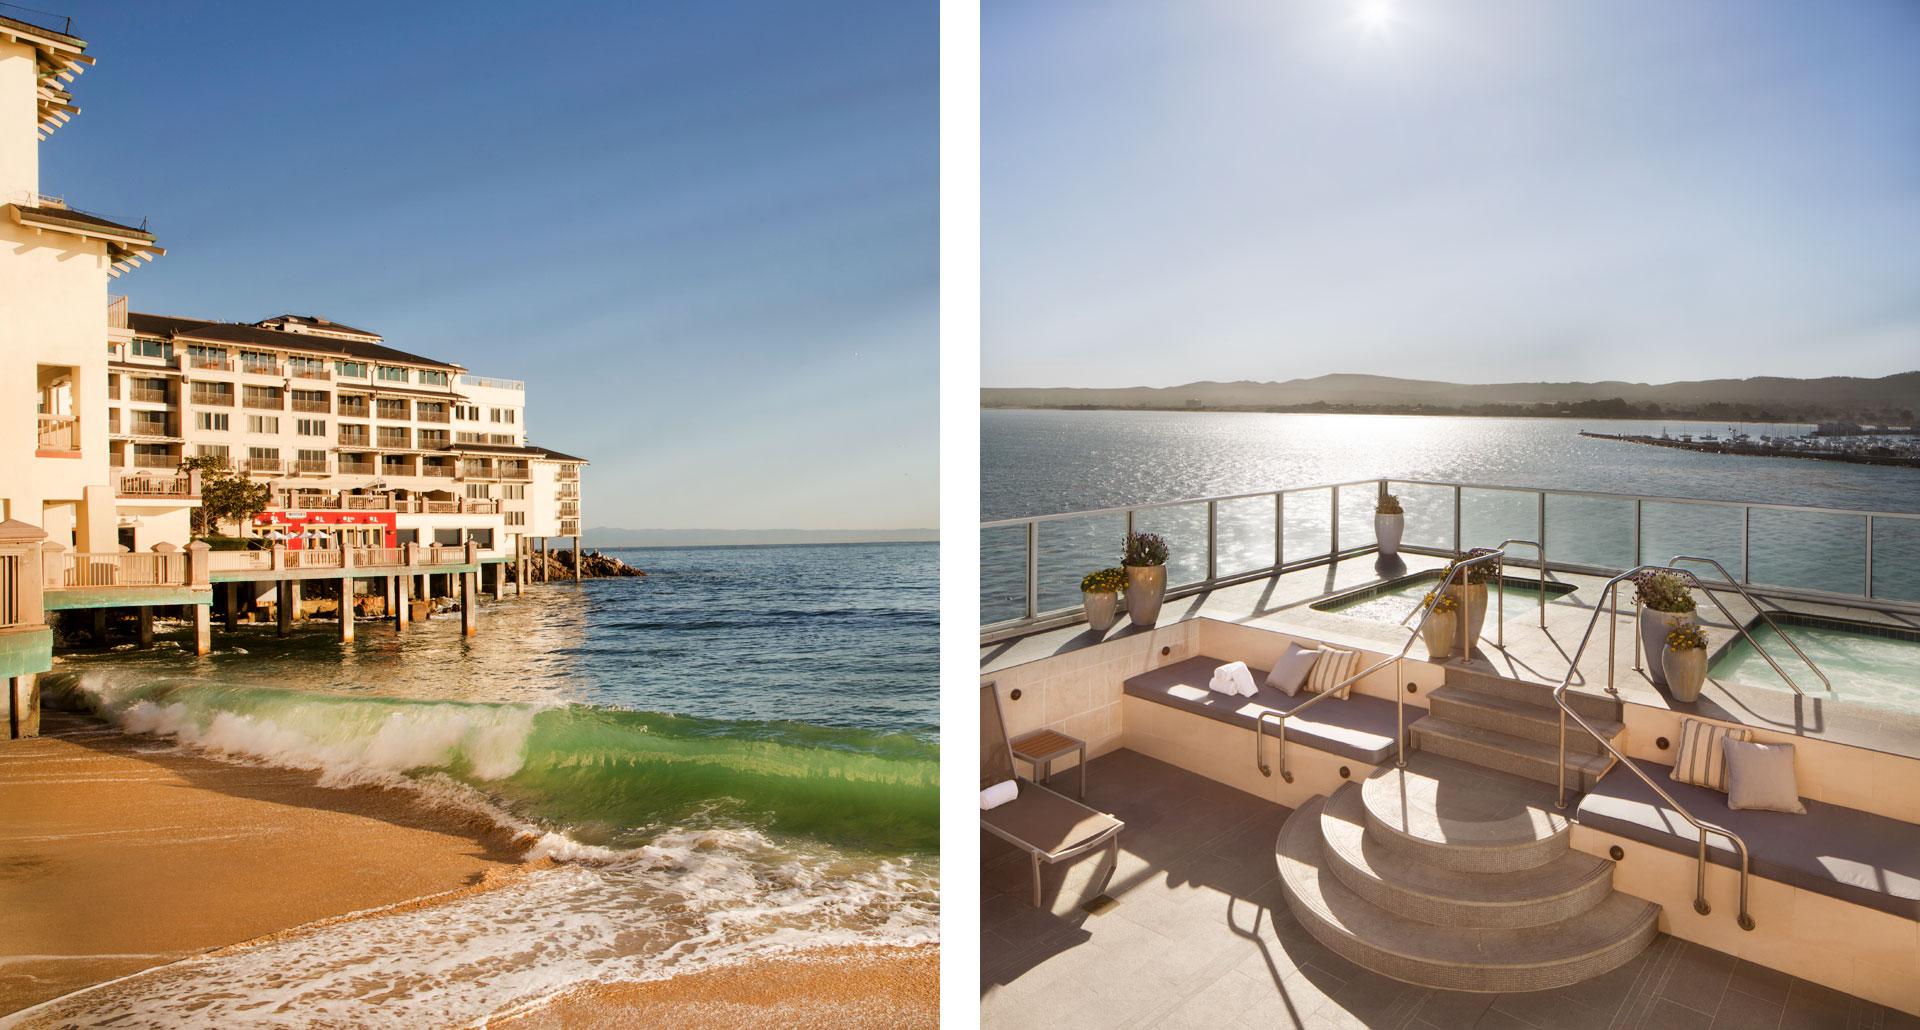 Monterey Plaza Hotel - boutique hotel in Monterey